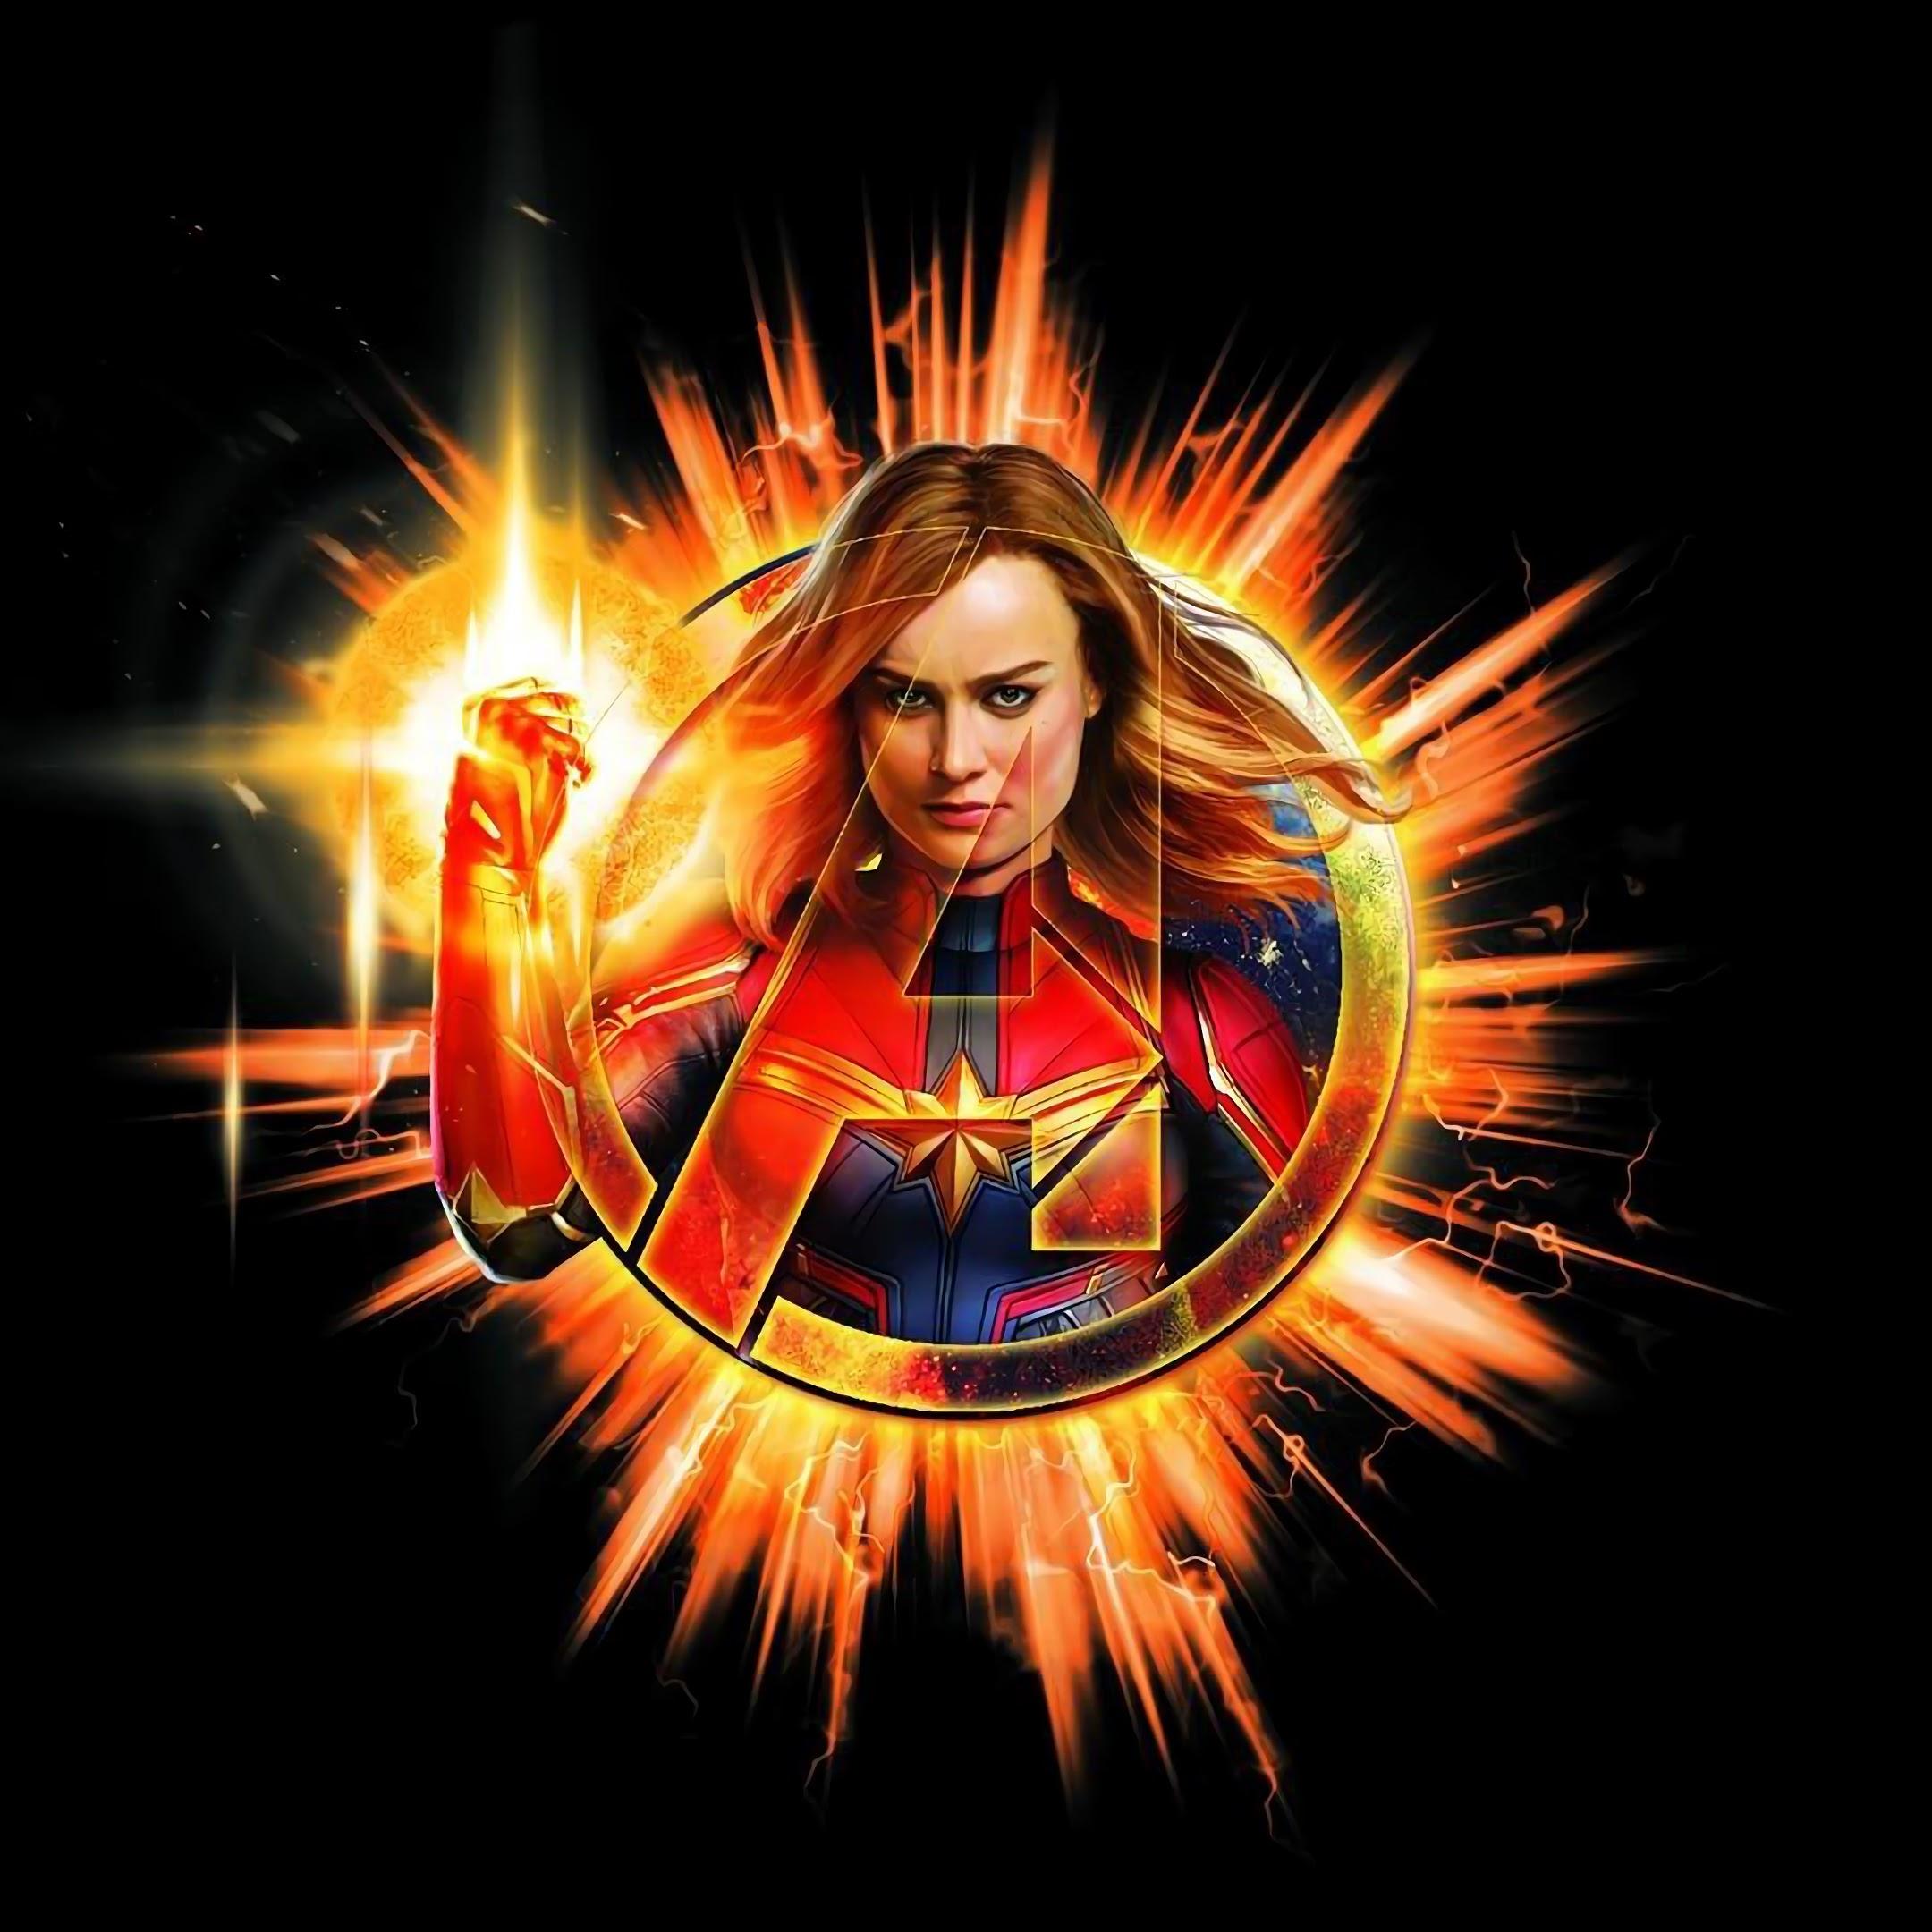 Avengers Endgame Captain Marvel 4k 26 Wallpaper